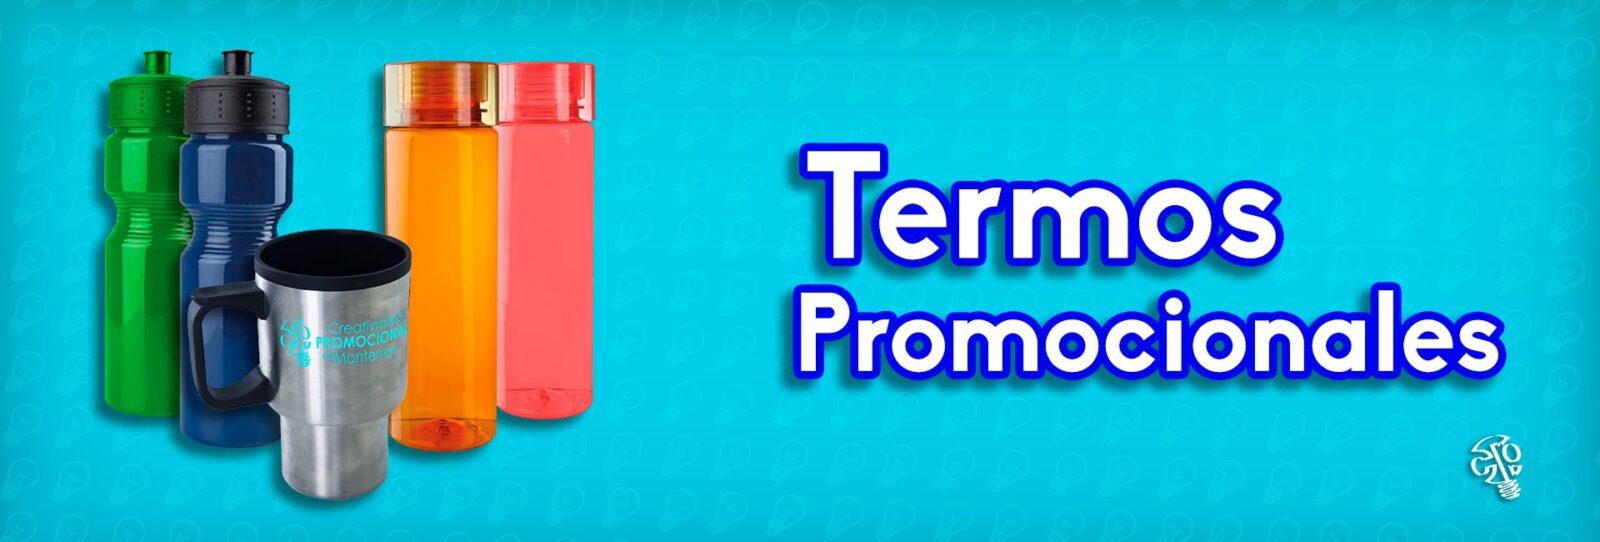 termos_promocionales